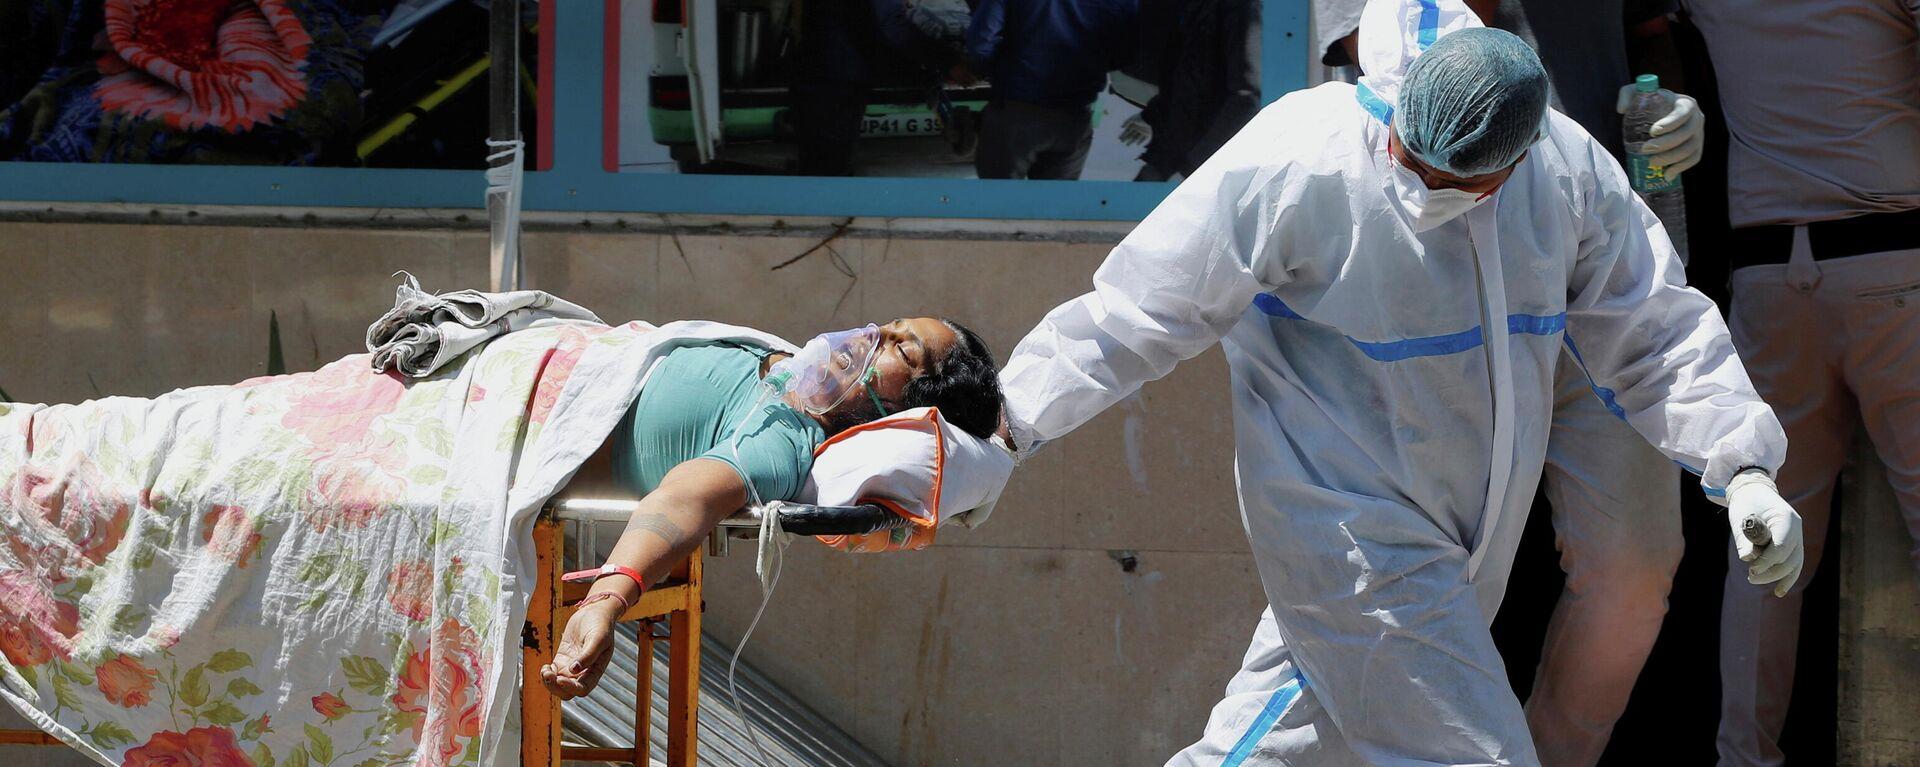 Akuter Sauerstoffmangel in Indien: Frau wird in ein Krankenhaus eingeliefert, New Delhi. - SNA, 1920, 26.04.2021